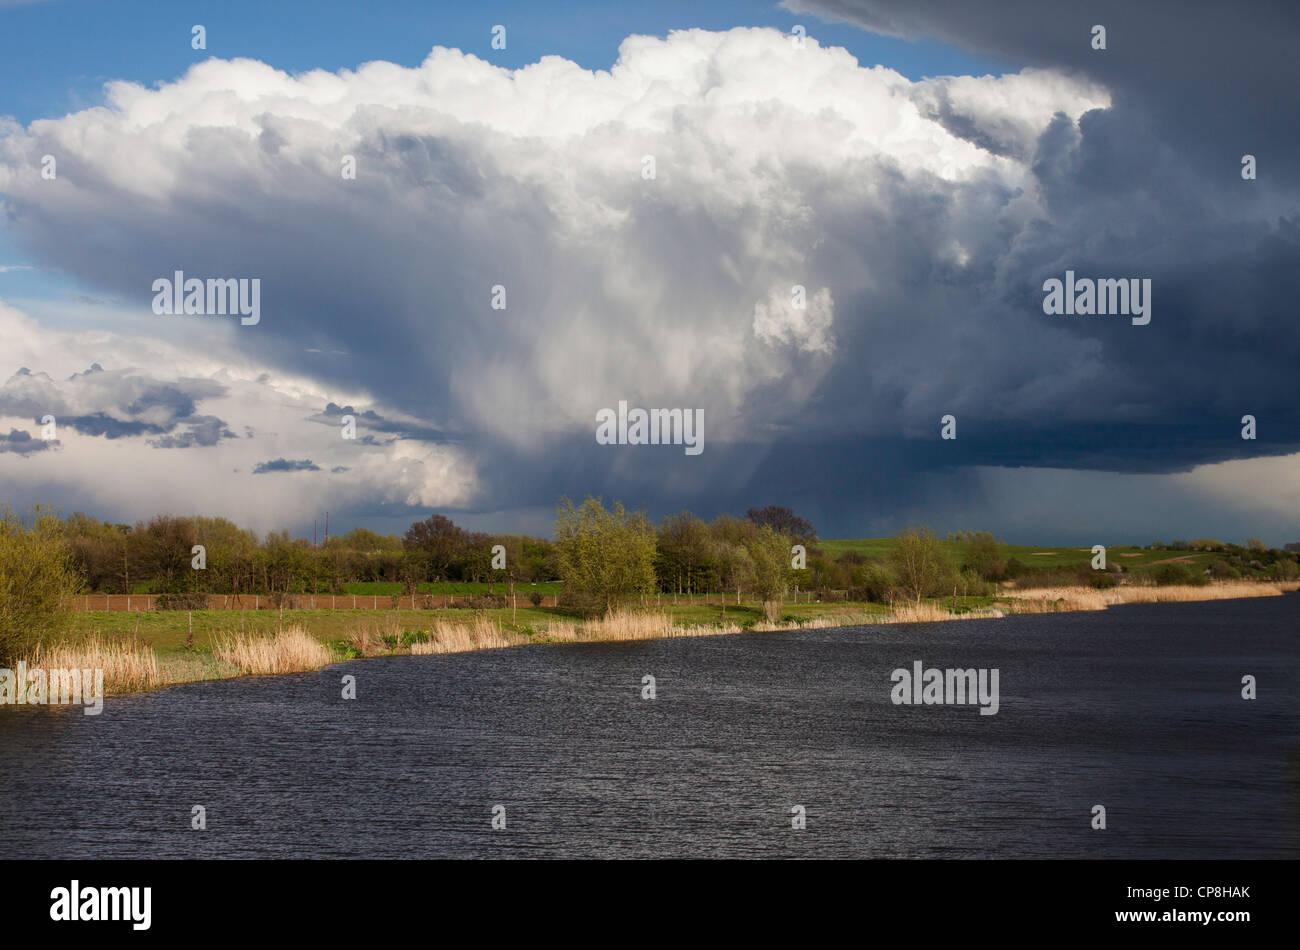 Storm clouds over Dorney Wetlands nature reserve in Dorney, Buckinghamshire, UK Stock Photo